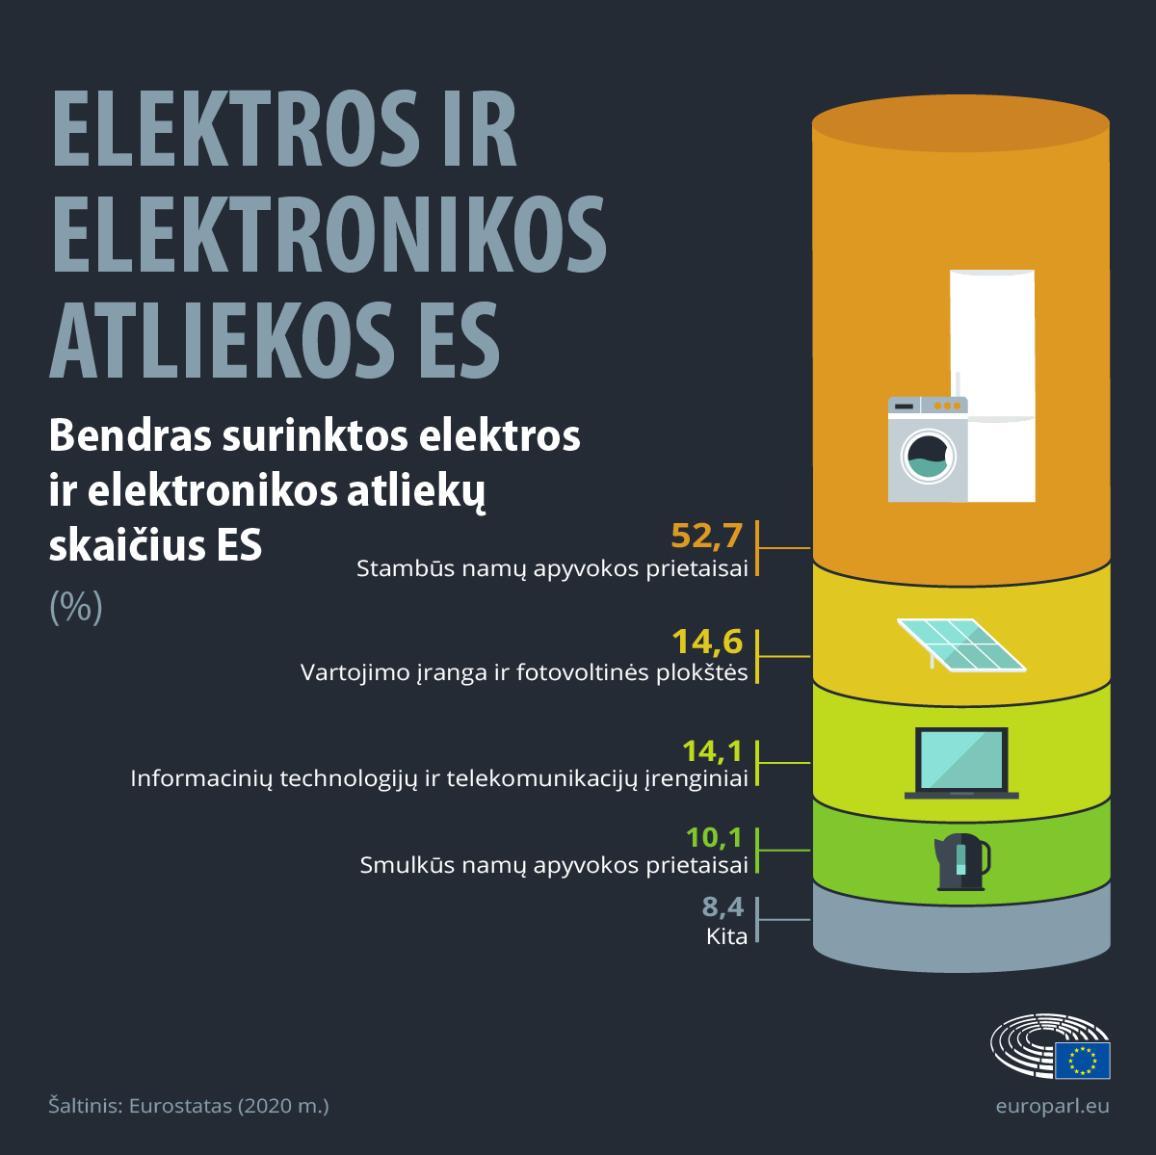 Infografike rodoma EEĮ atliekų procentinė dalis ES pagal prietaiso tipą.